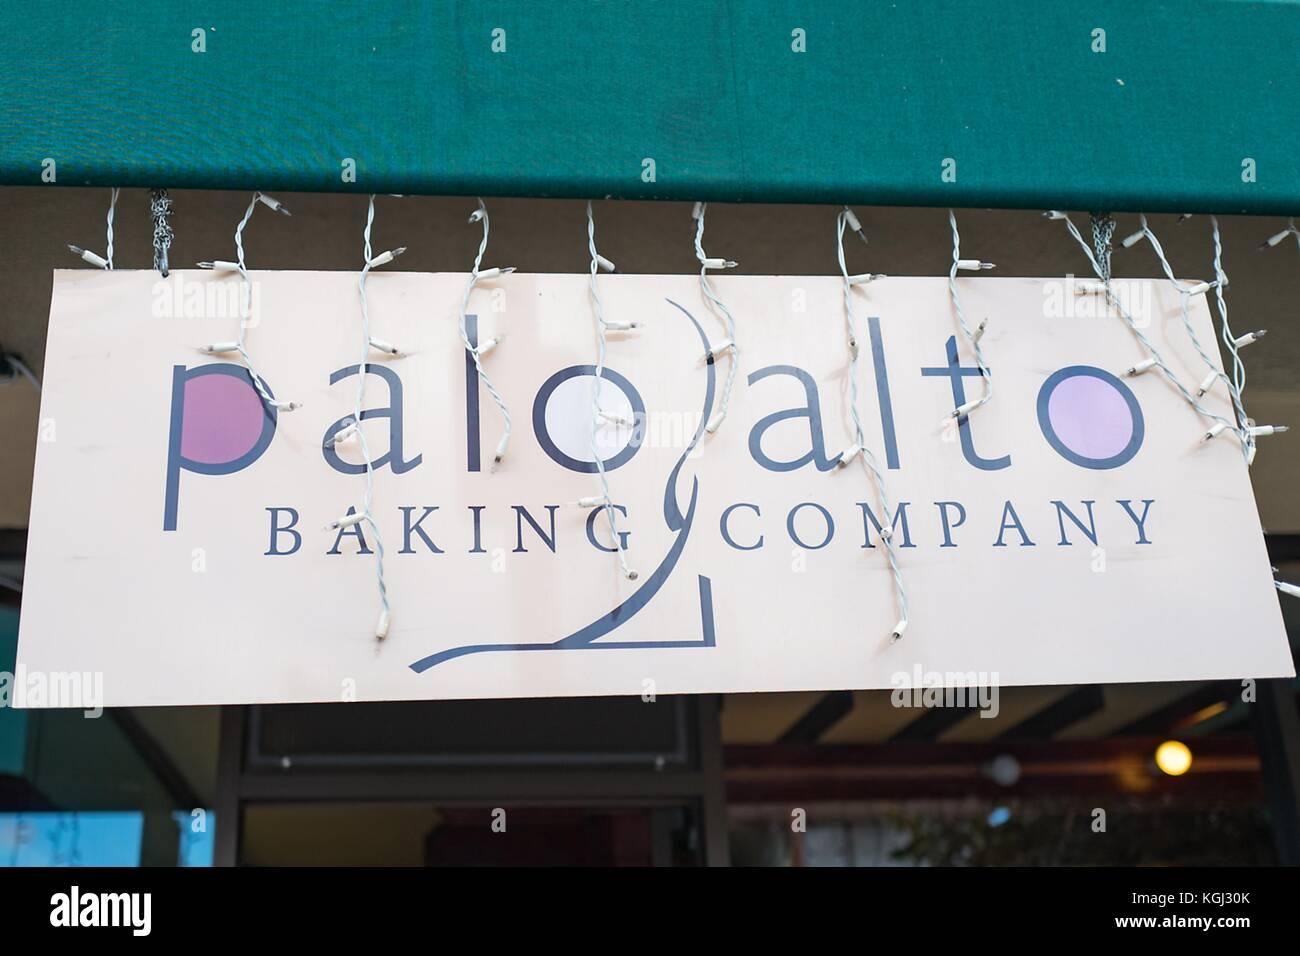 Palo alto california stock photos palo alto california stock sign for palo alto baking company an upscale bakery in silicon valley palo alto biocorpaavc